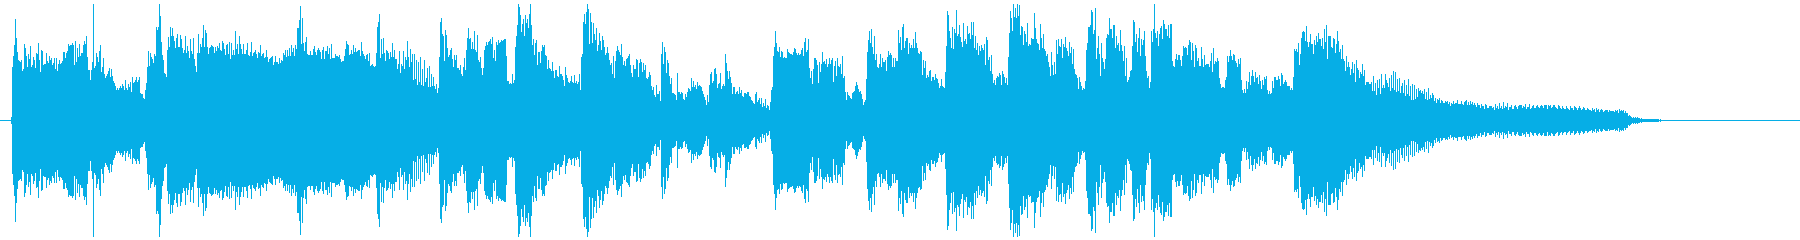 15秒CM向け、優しい大人なジャズワルツの再生済みの波形